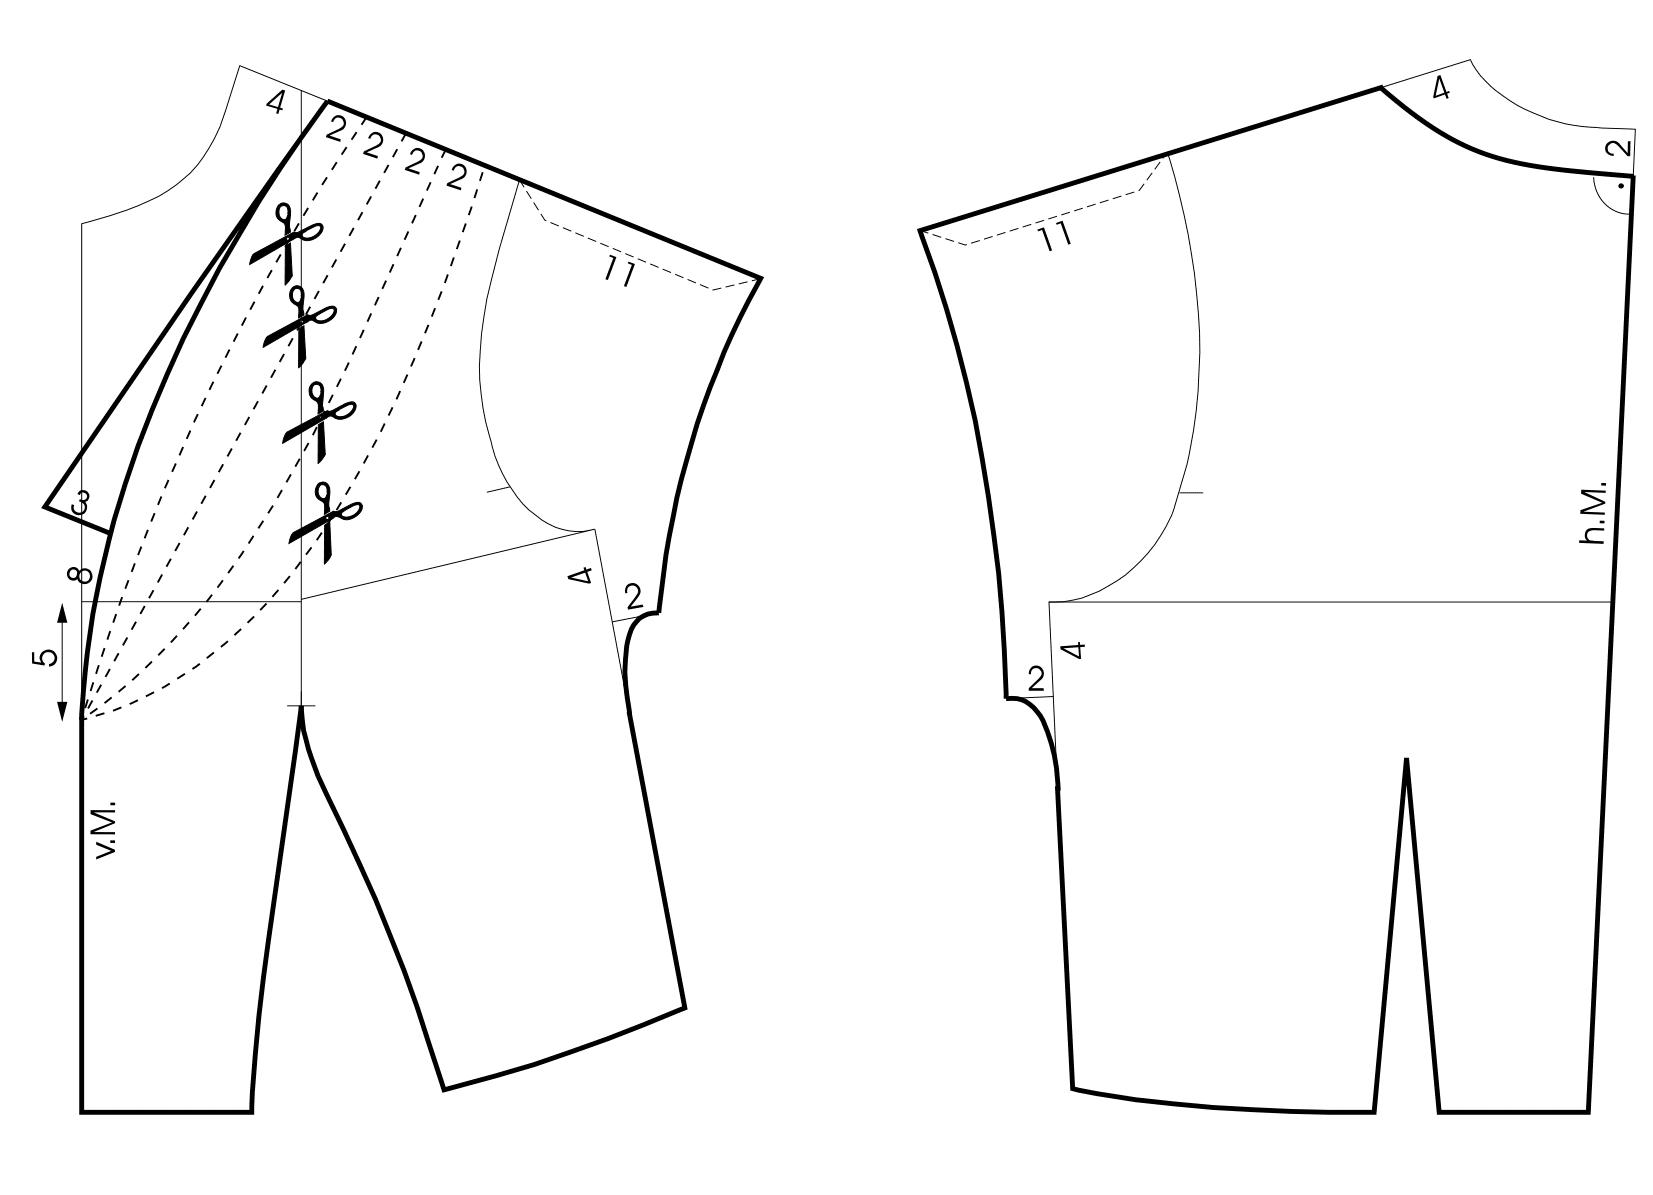 50er Jahre Ausschnittlösung - Schnitttechnik - Sternförmige Fältchenlegung - Vorder- und Rückenteil